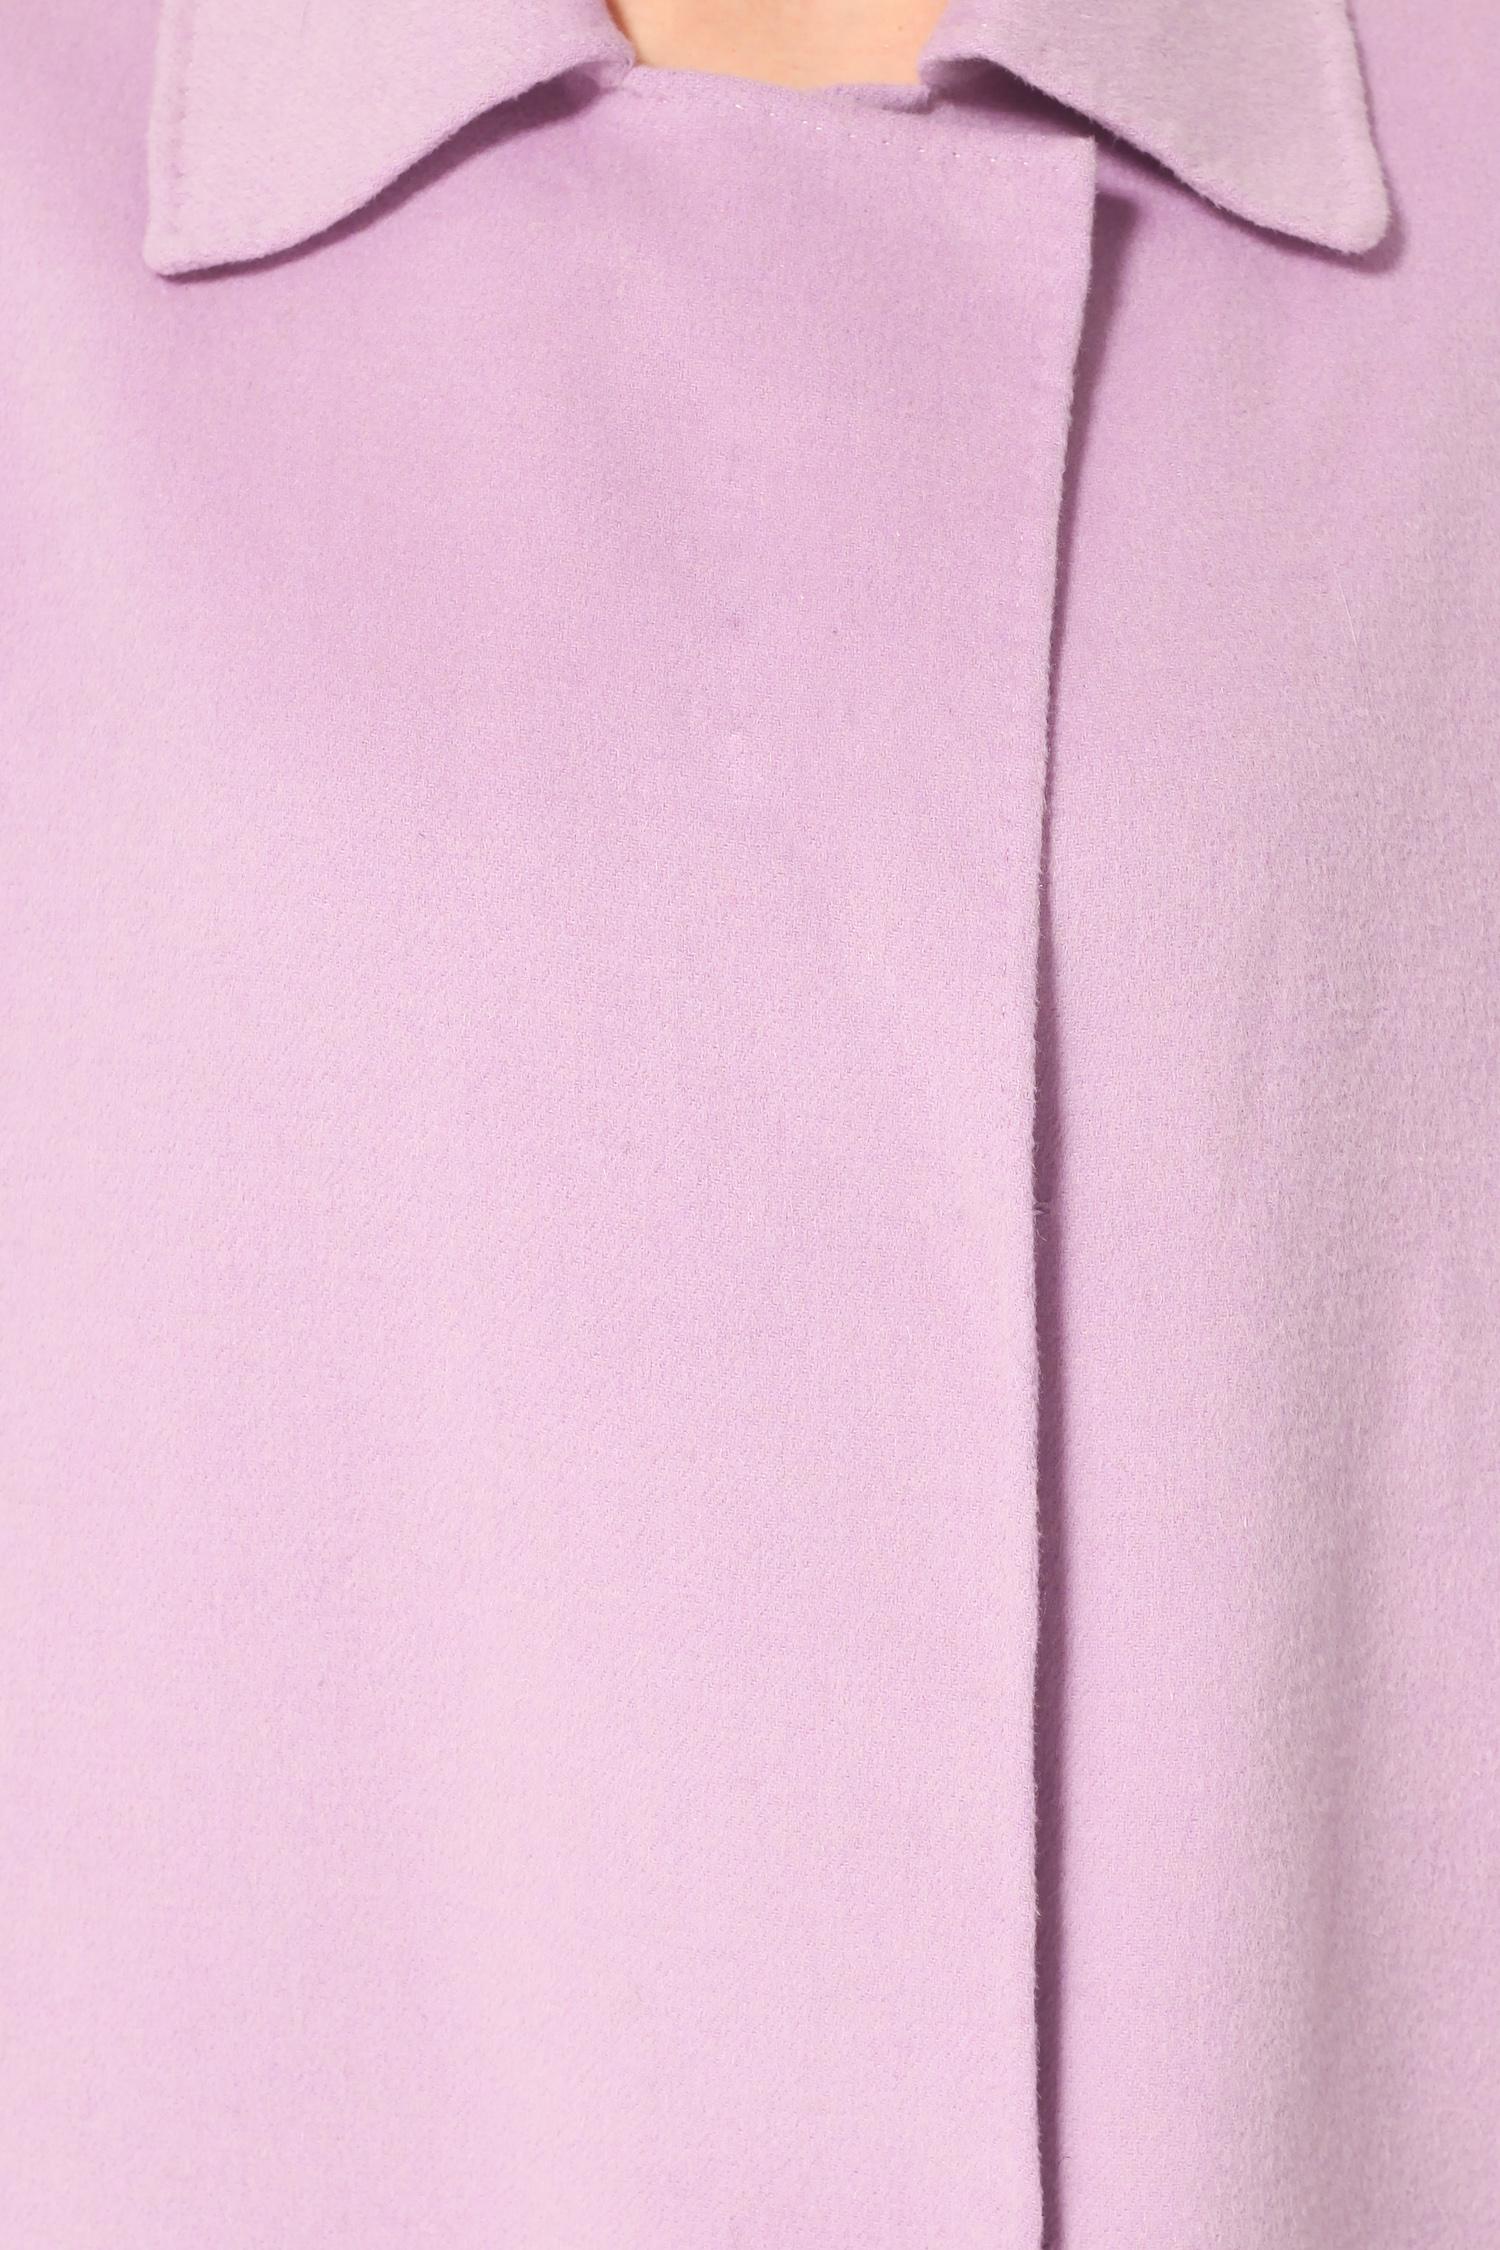 Фото 2 - Женское пальто из текстиля с воротником от МОСМЕХА цвета фуксия